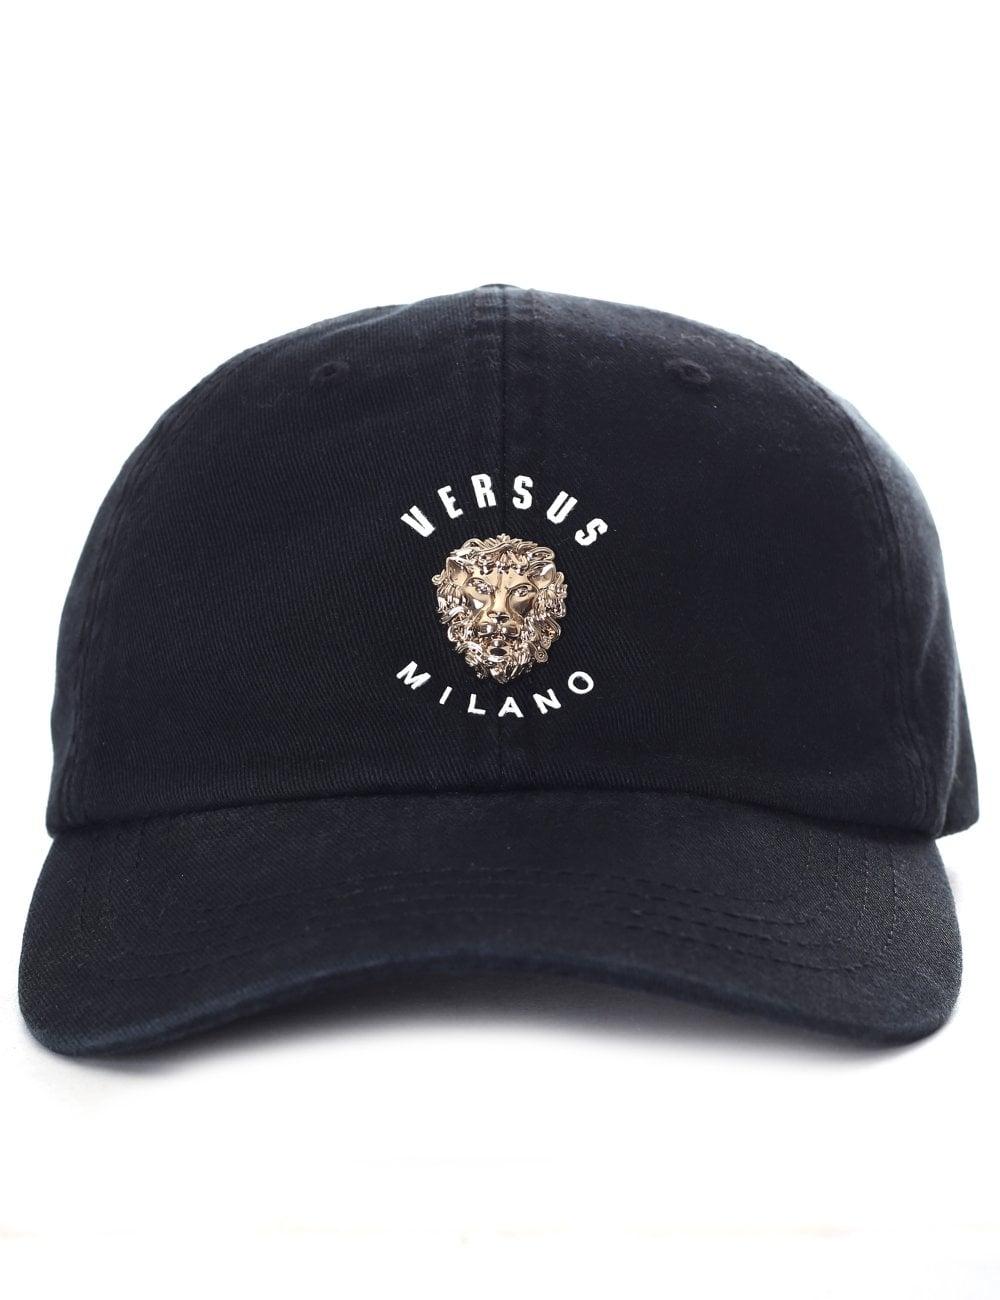 44d4f48b22e Versus Versace Men s Lion Cap Black